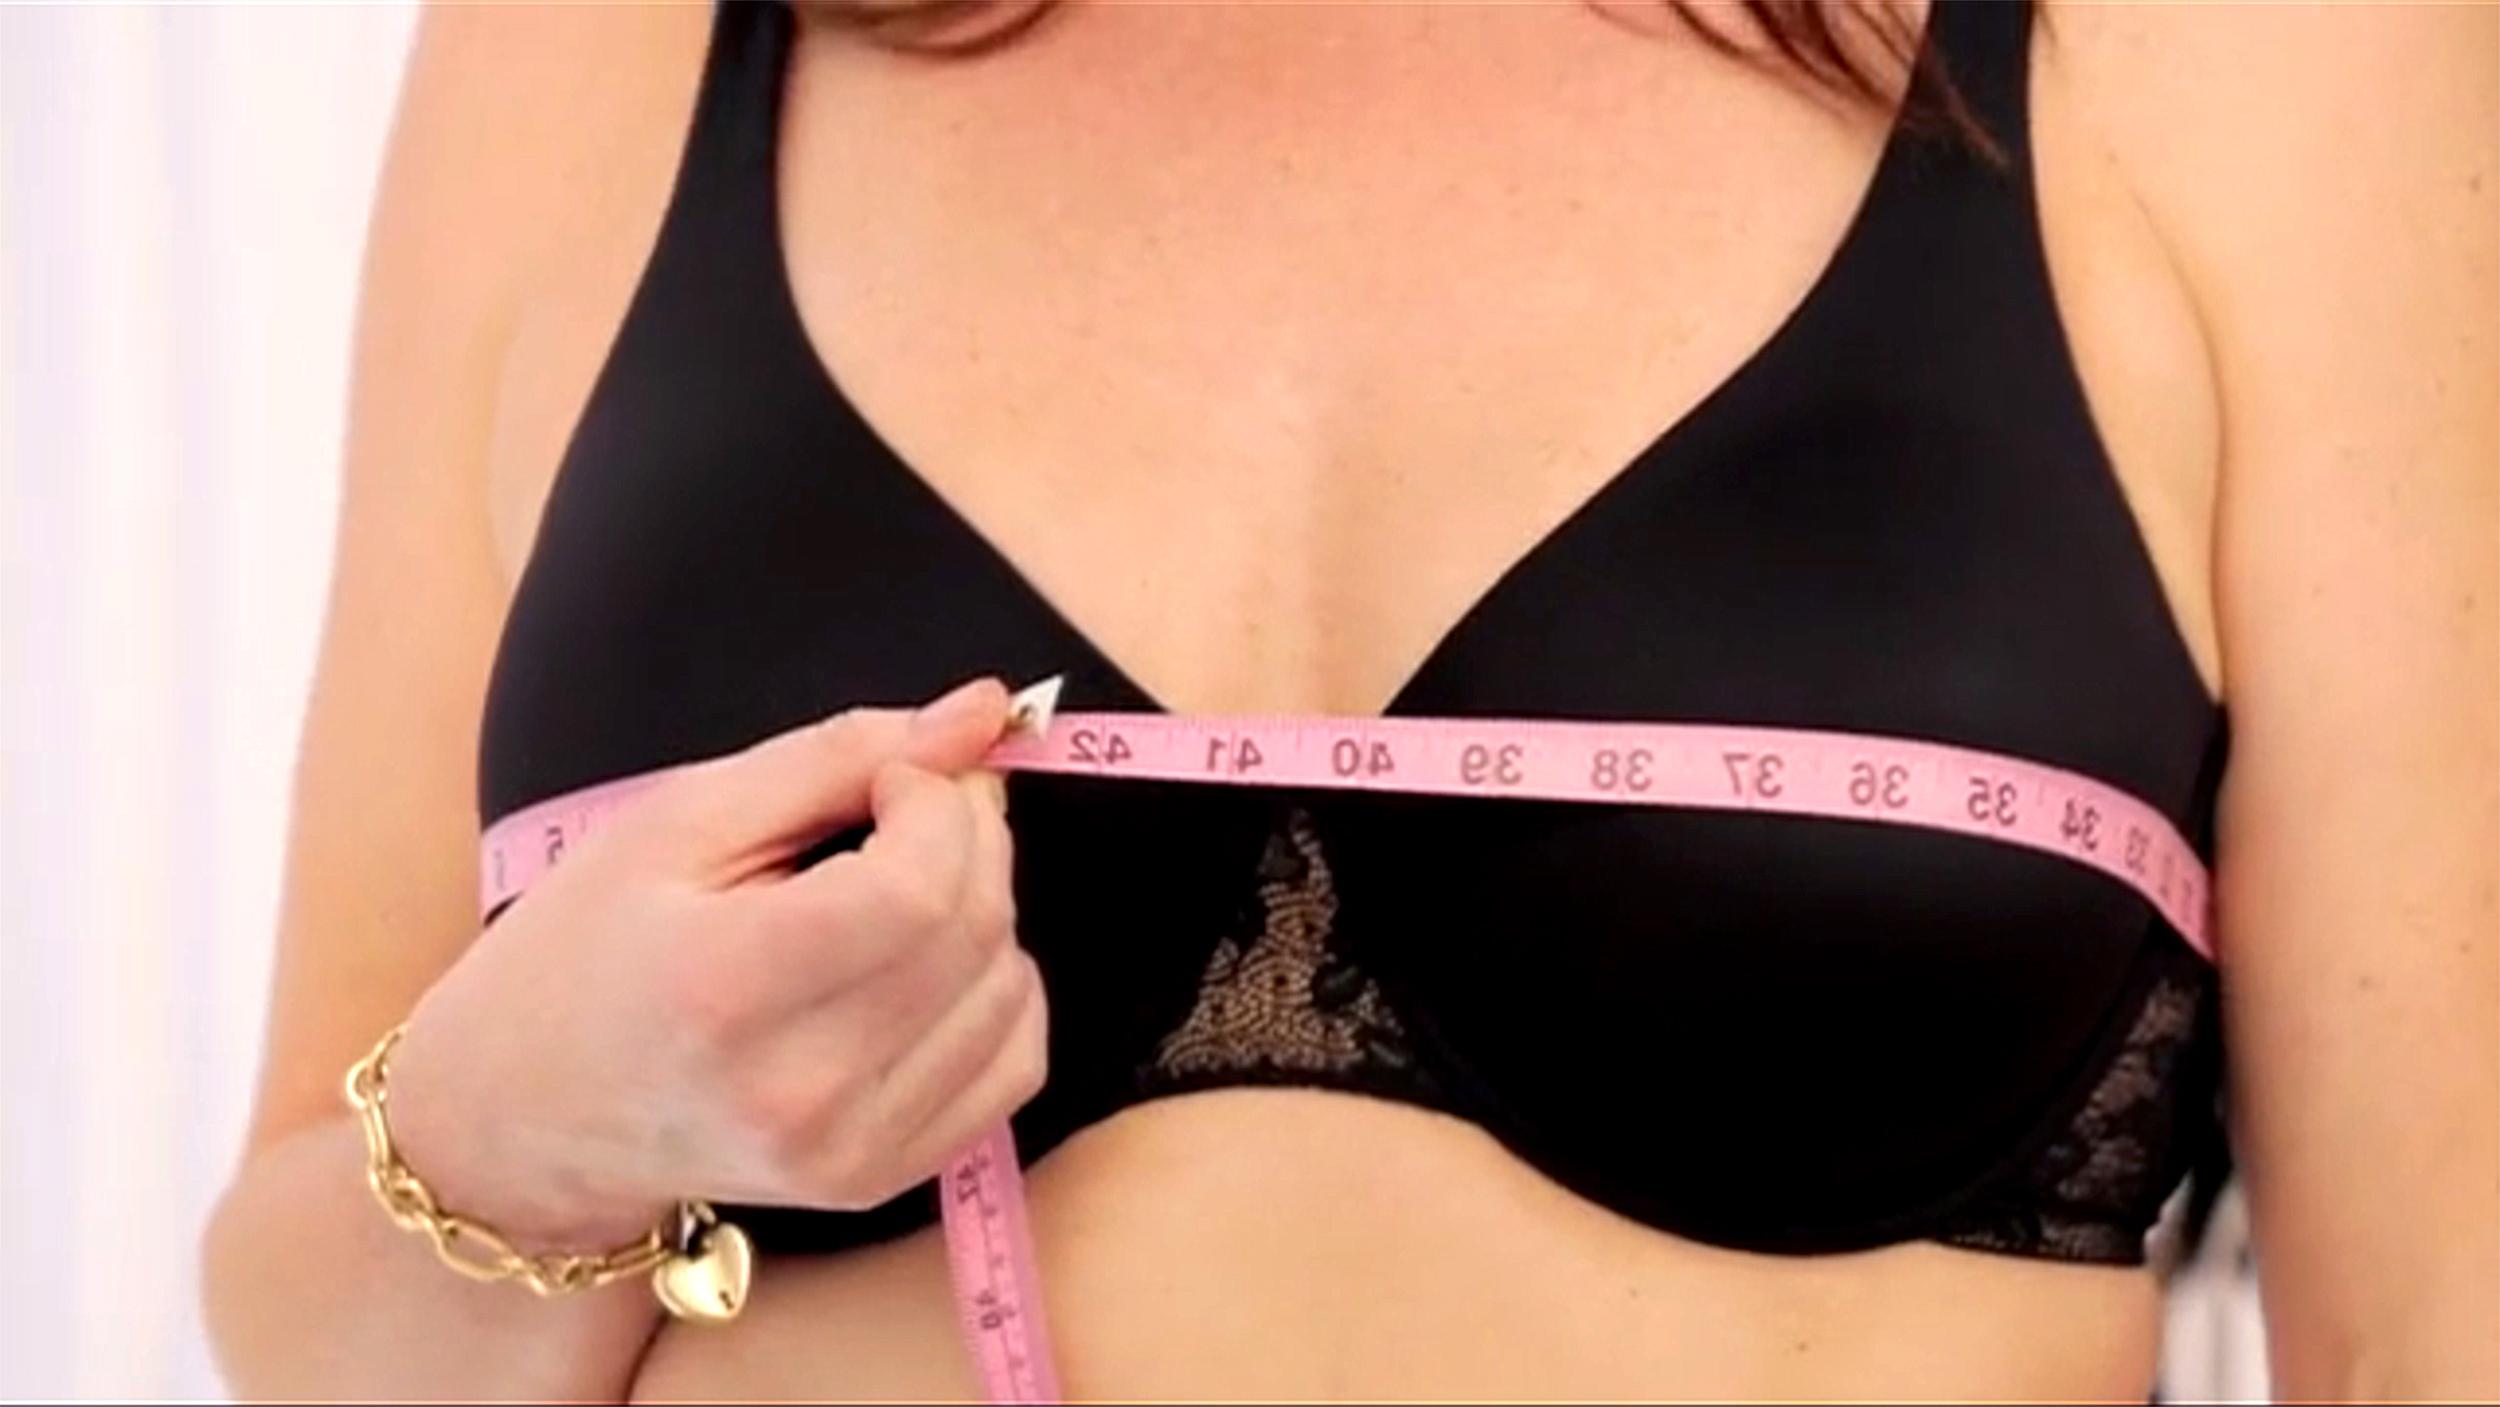 Správné měření velikosti podprsenky